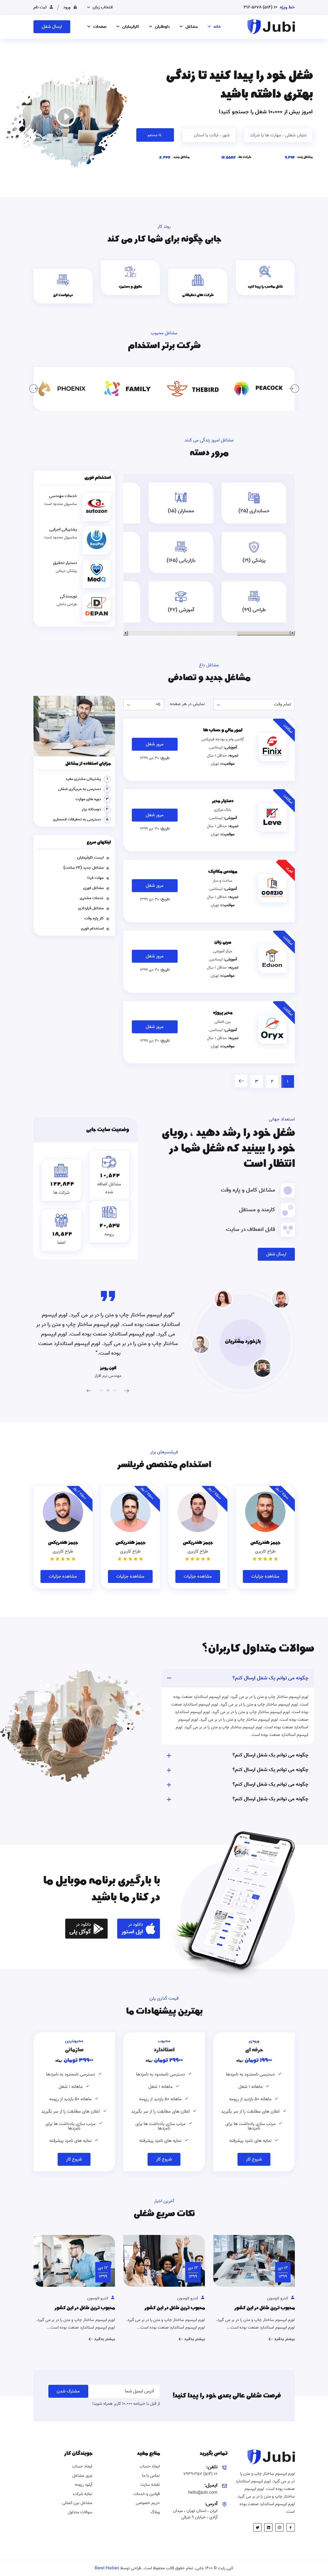 قالب Jubi، قالب HTML سایت شرکتی آگهی و کاریابی مشاغل جابی